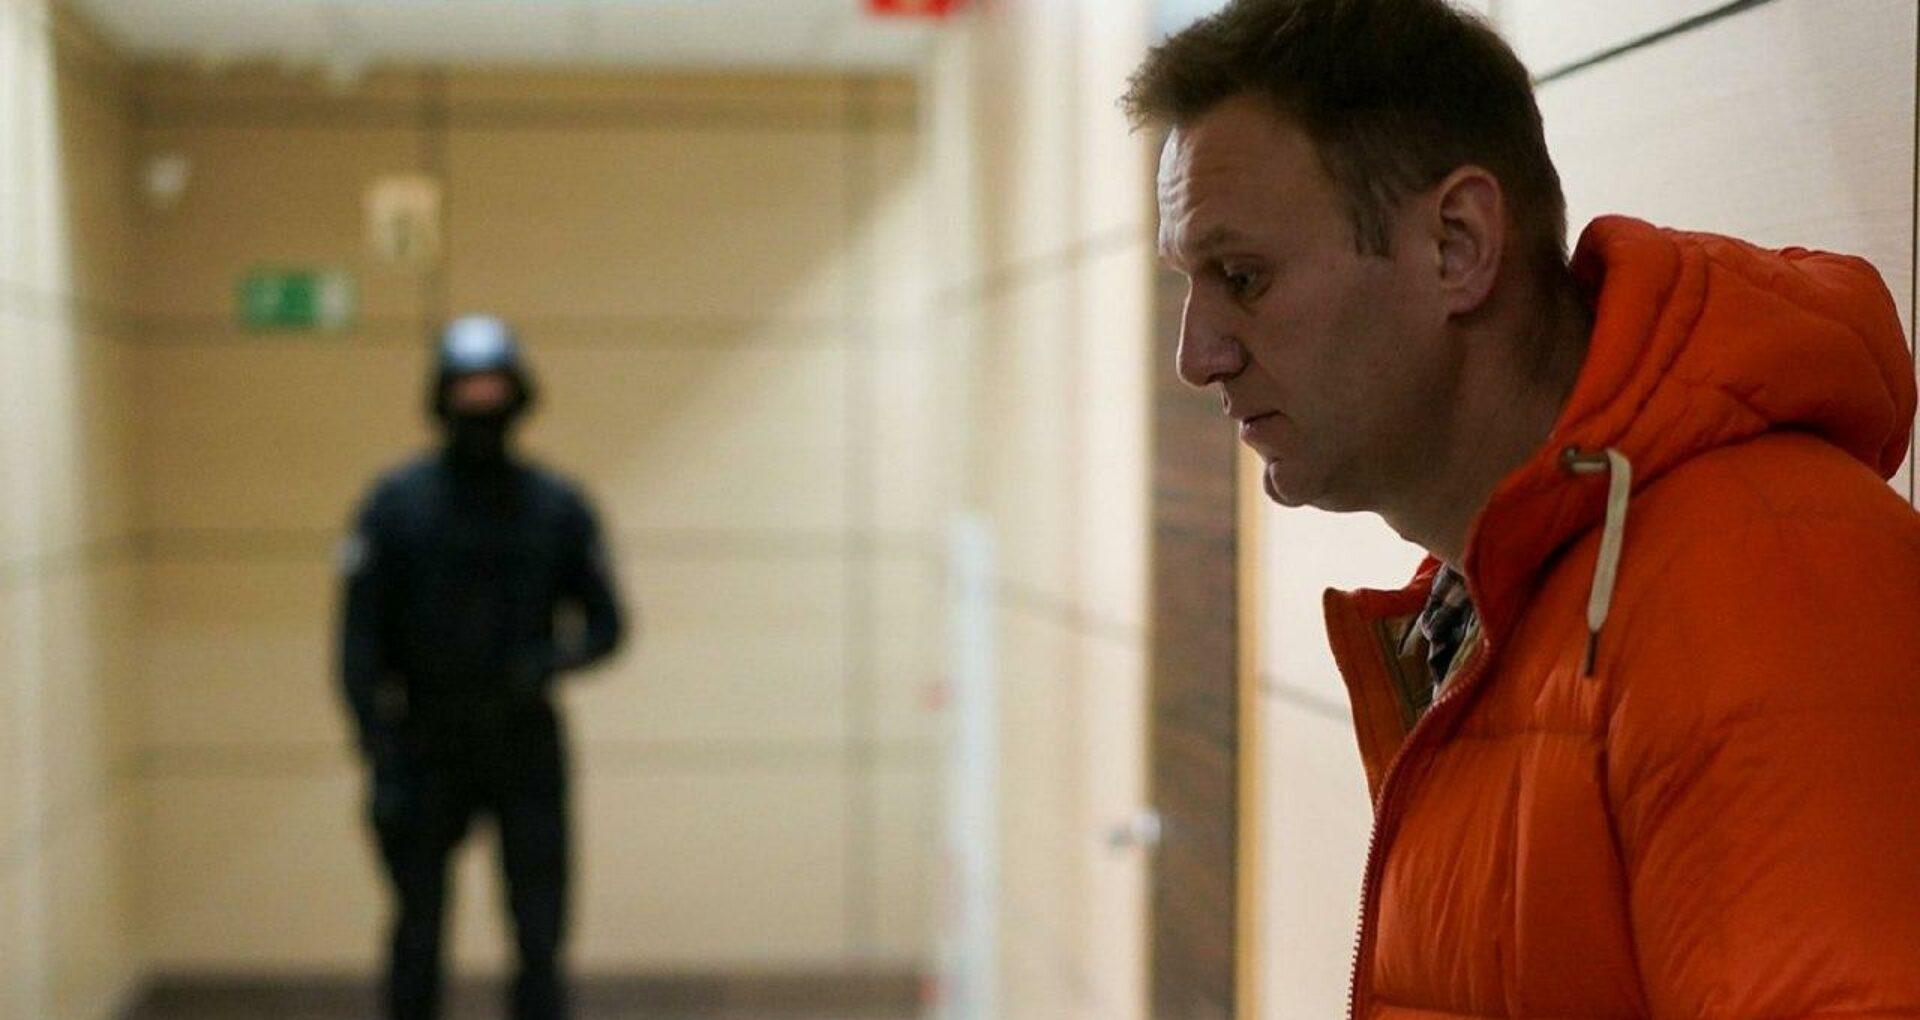 FBK: Alexei Navalny a fost otrăvit cu o substanță extrem de periculoasă, inclusiv pentru cei ce sunt în preajmă. Medicii din Omsk refuză transportarea sa în străinătate